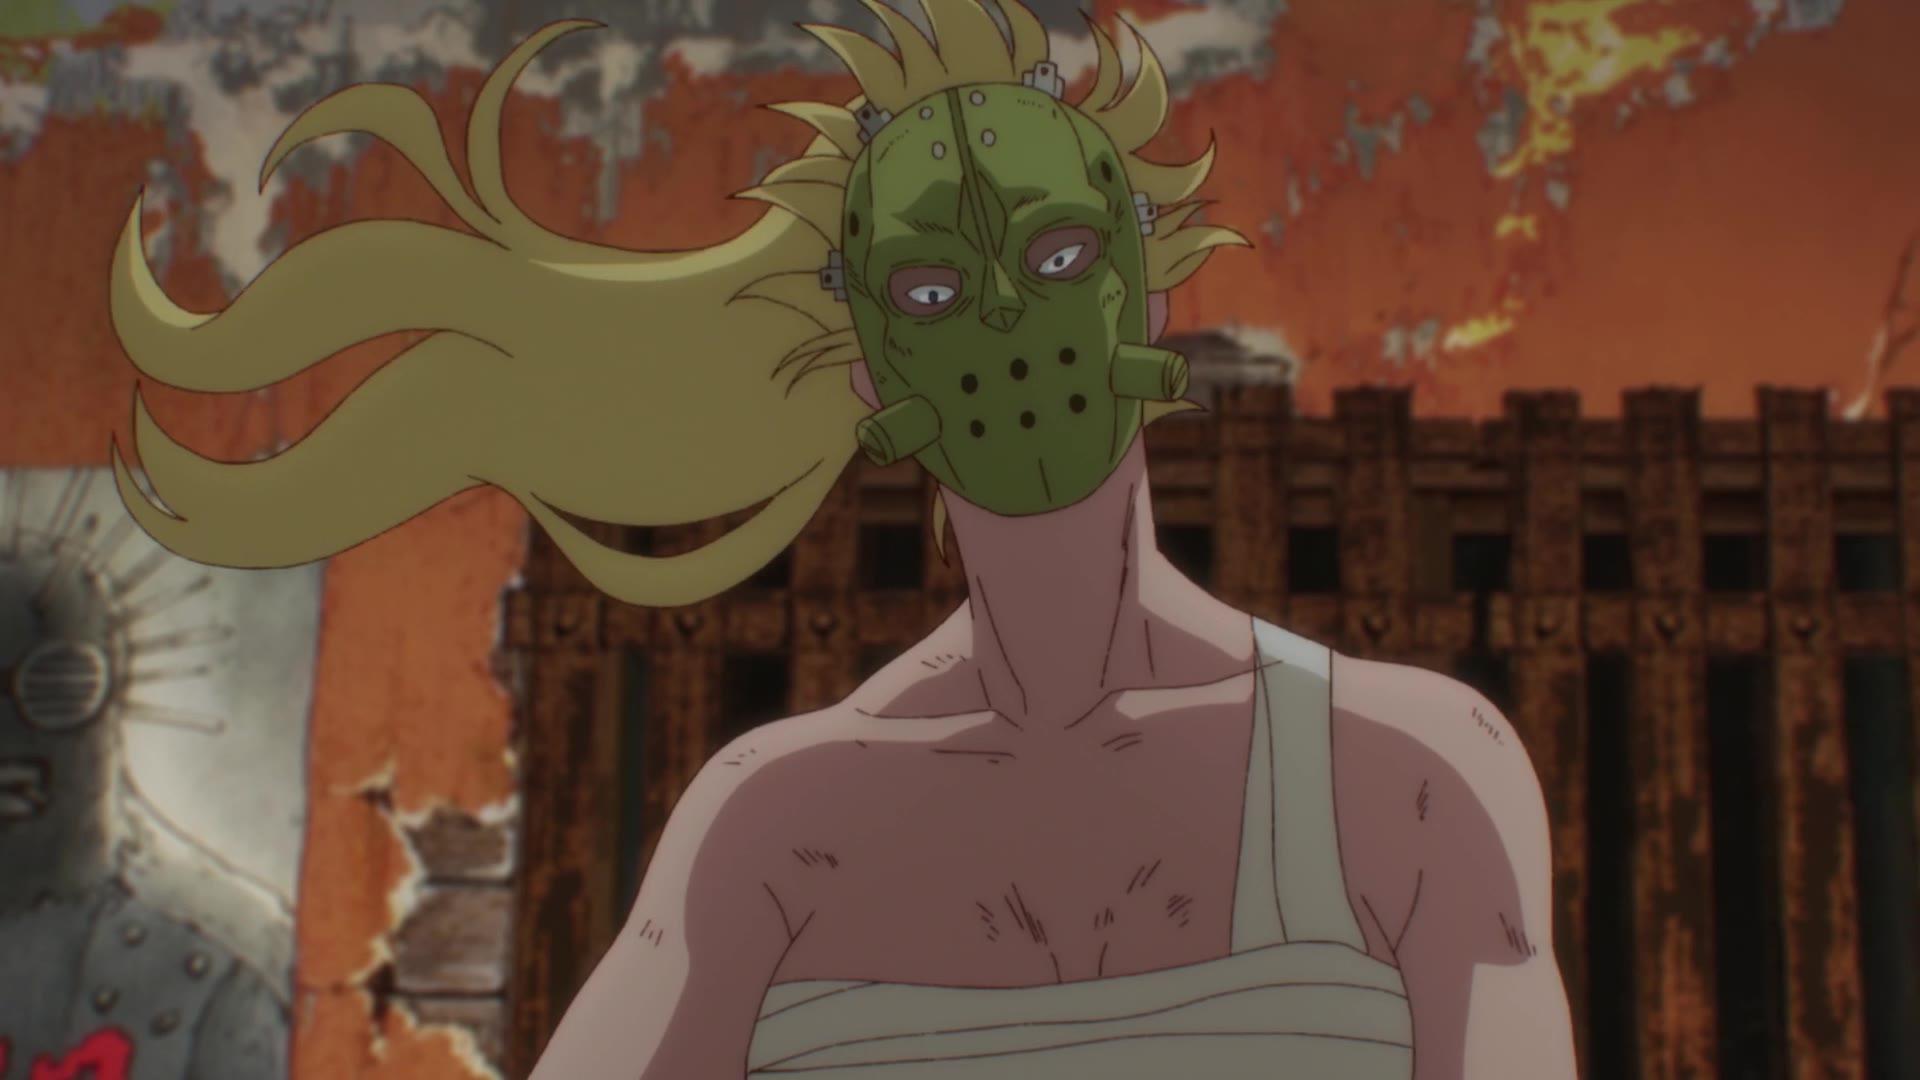 《异兽魔都Dorohedoro》第10集生肉——带上面具的二阶堂演出太帅了!